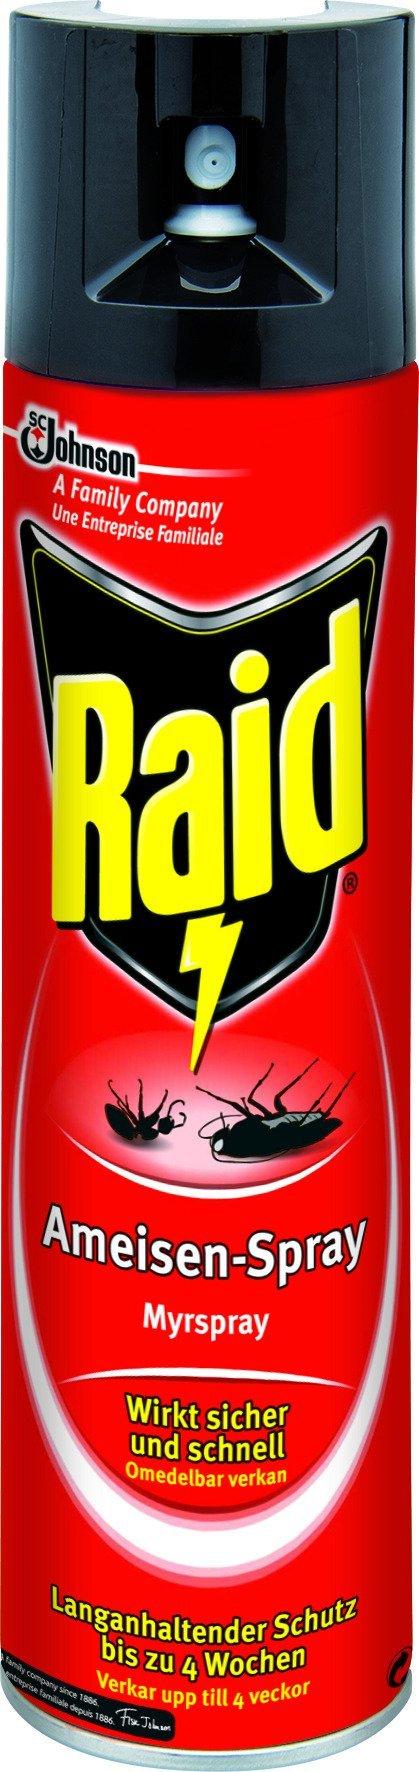 Paral Raid Ameisen Spray Ab 3 95 Im Preisvergleich Kaufen